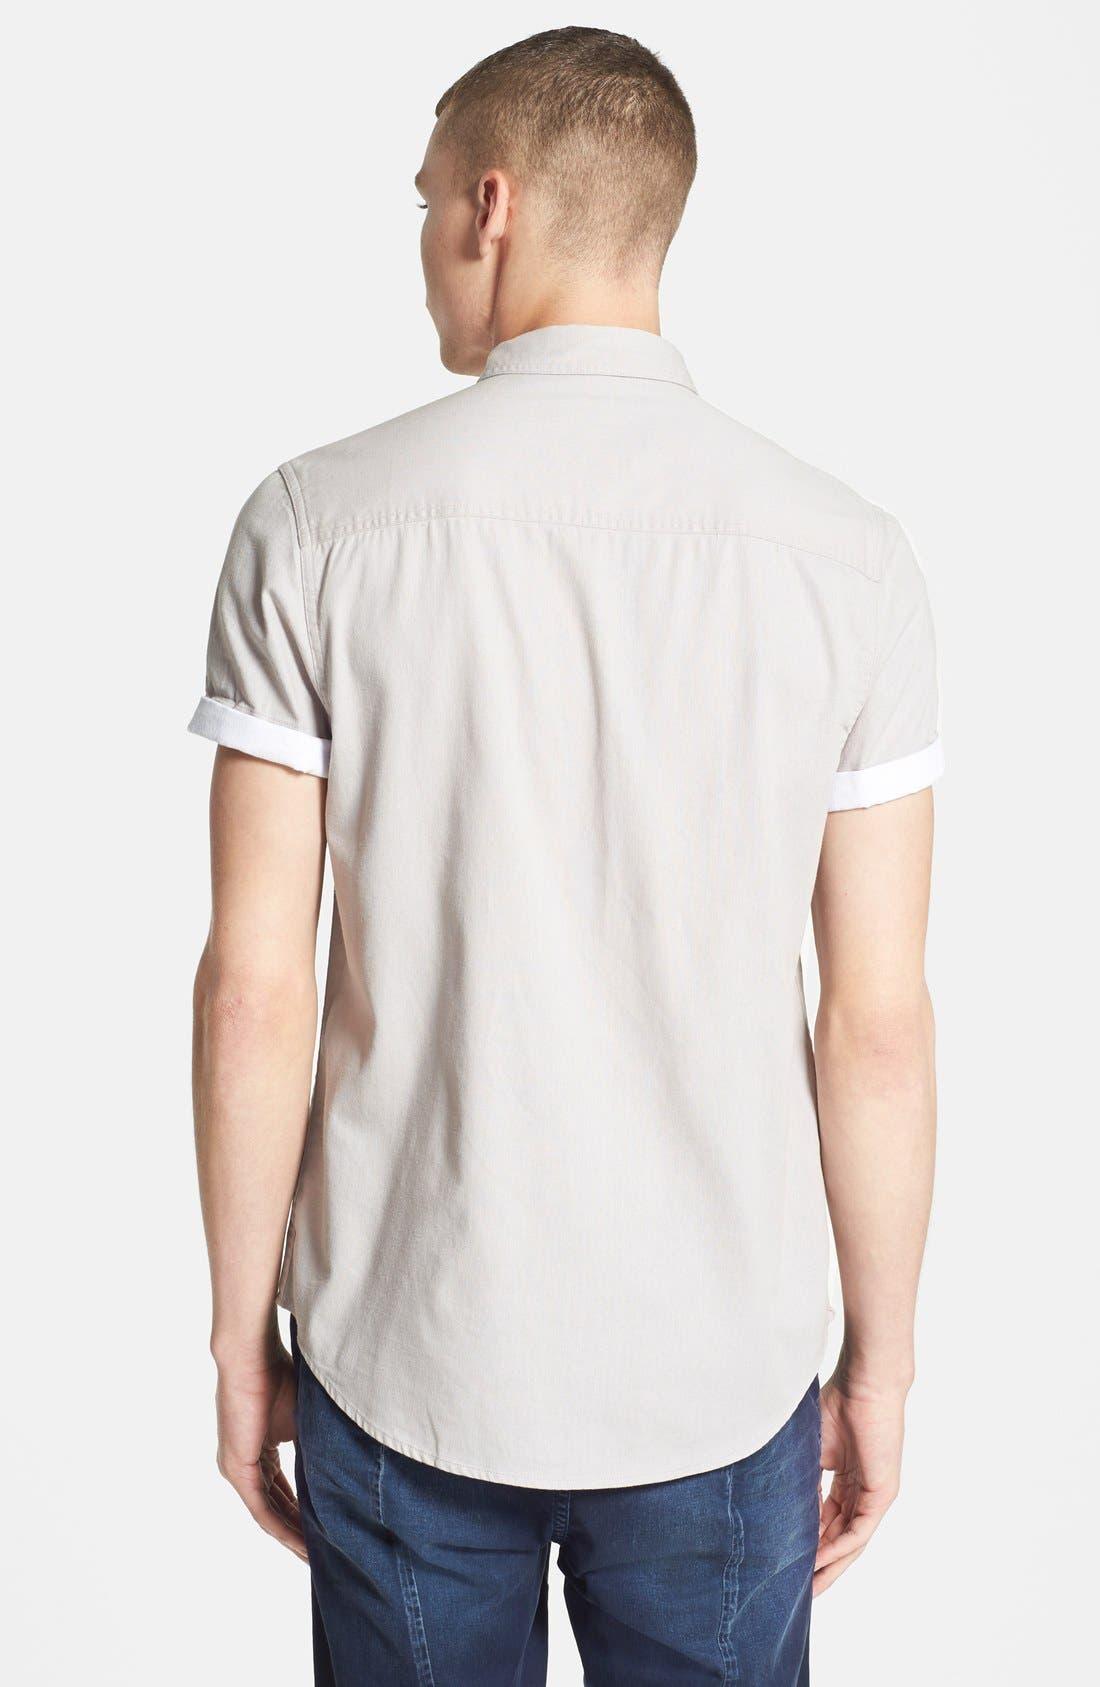 TOPMAN,                             Contrast Trim Short Sleeve Cotton Shirt,                             Alternate thumbnail 4, color,                             020